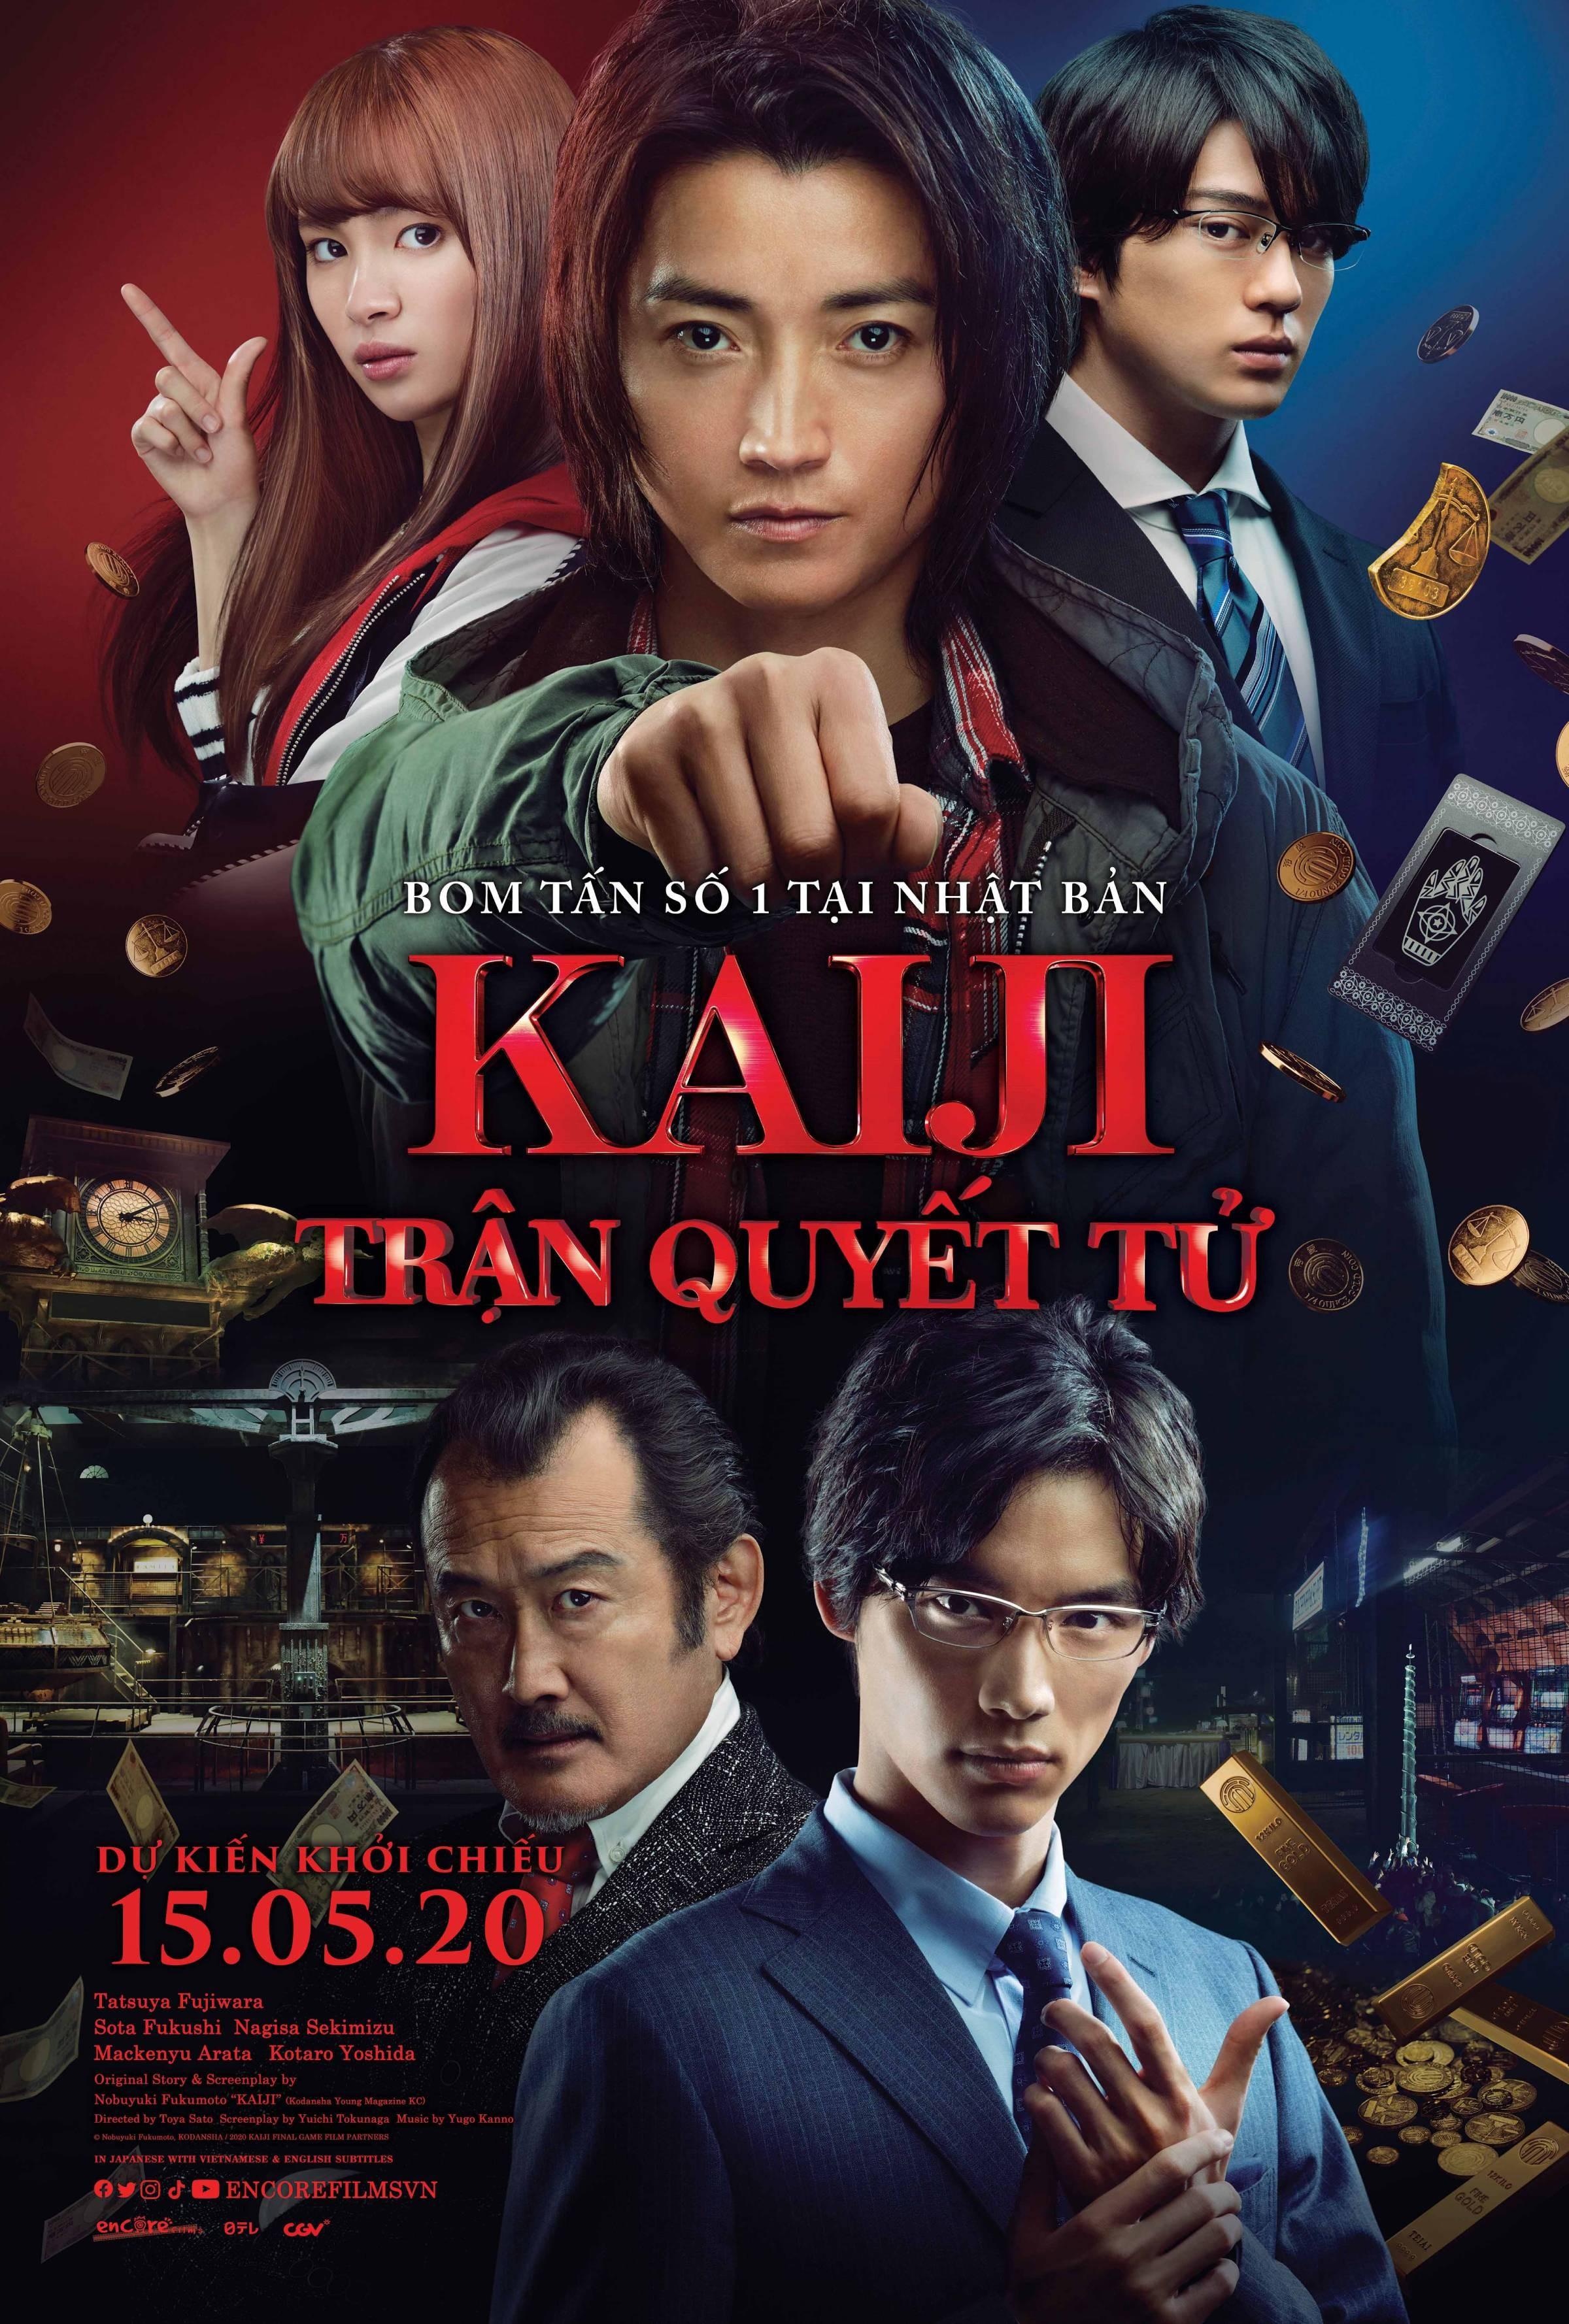 Phim chiếu rạp Kaiji Trận quyết tử